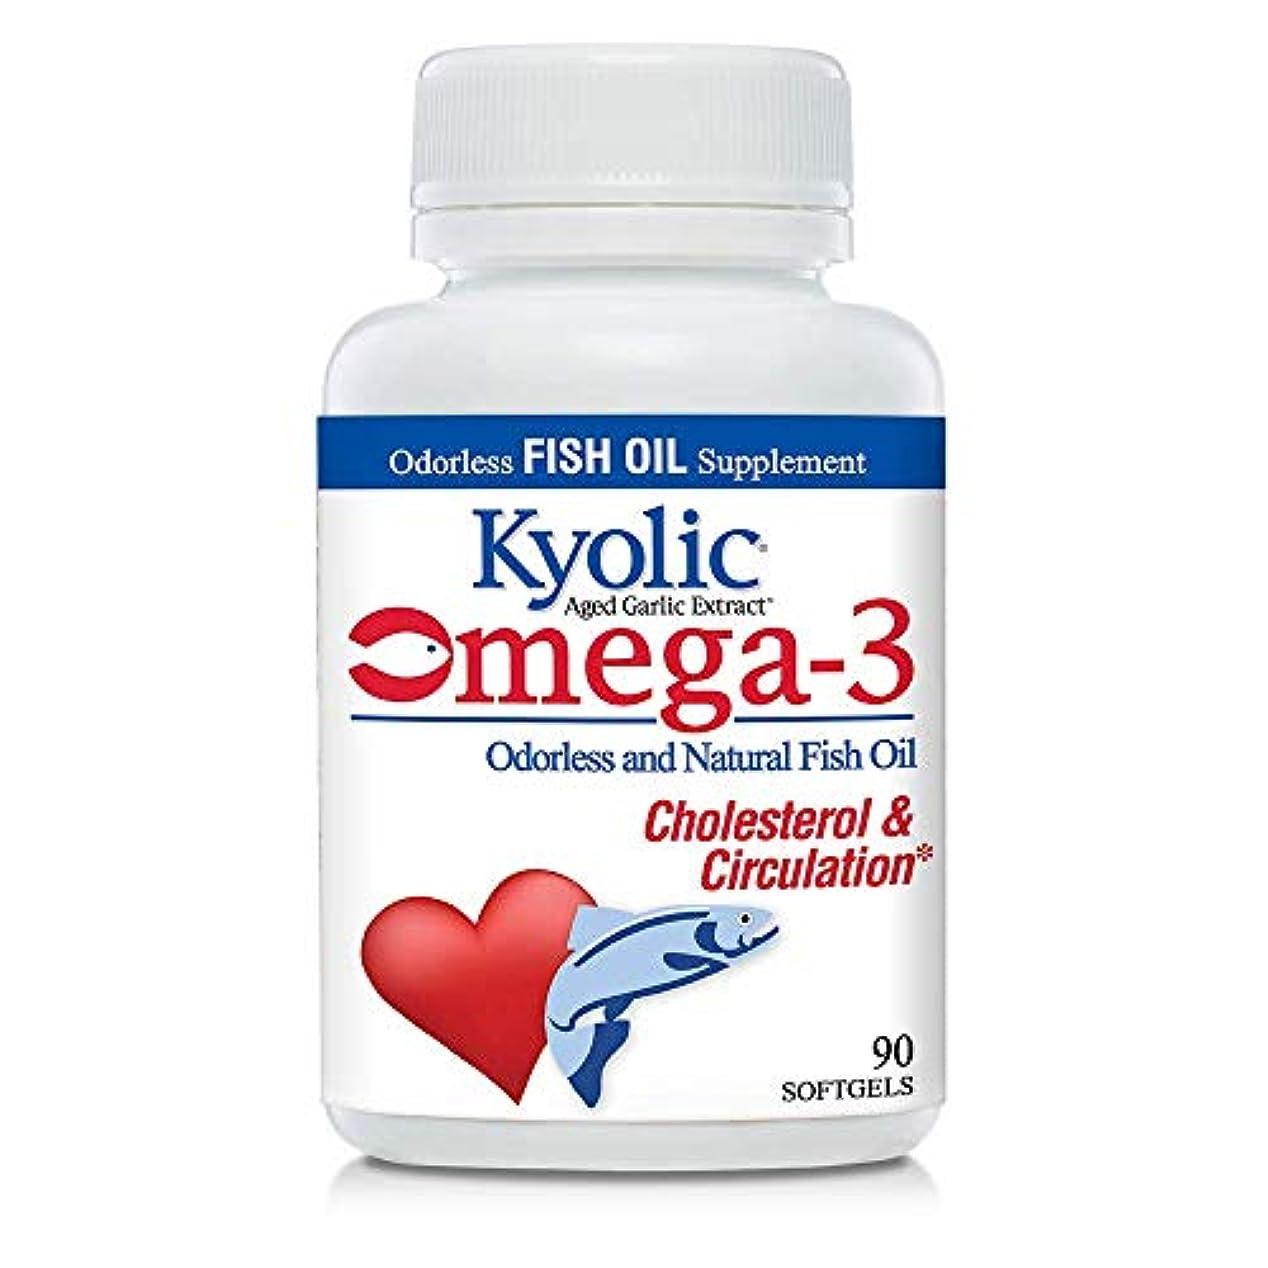 位置する価値のない繰り返しWakunaga - Kyolic, EPA, Aged Garlic Extract, Cardiovascular, 90 Softgels